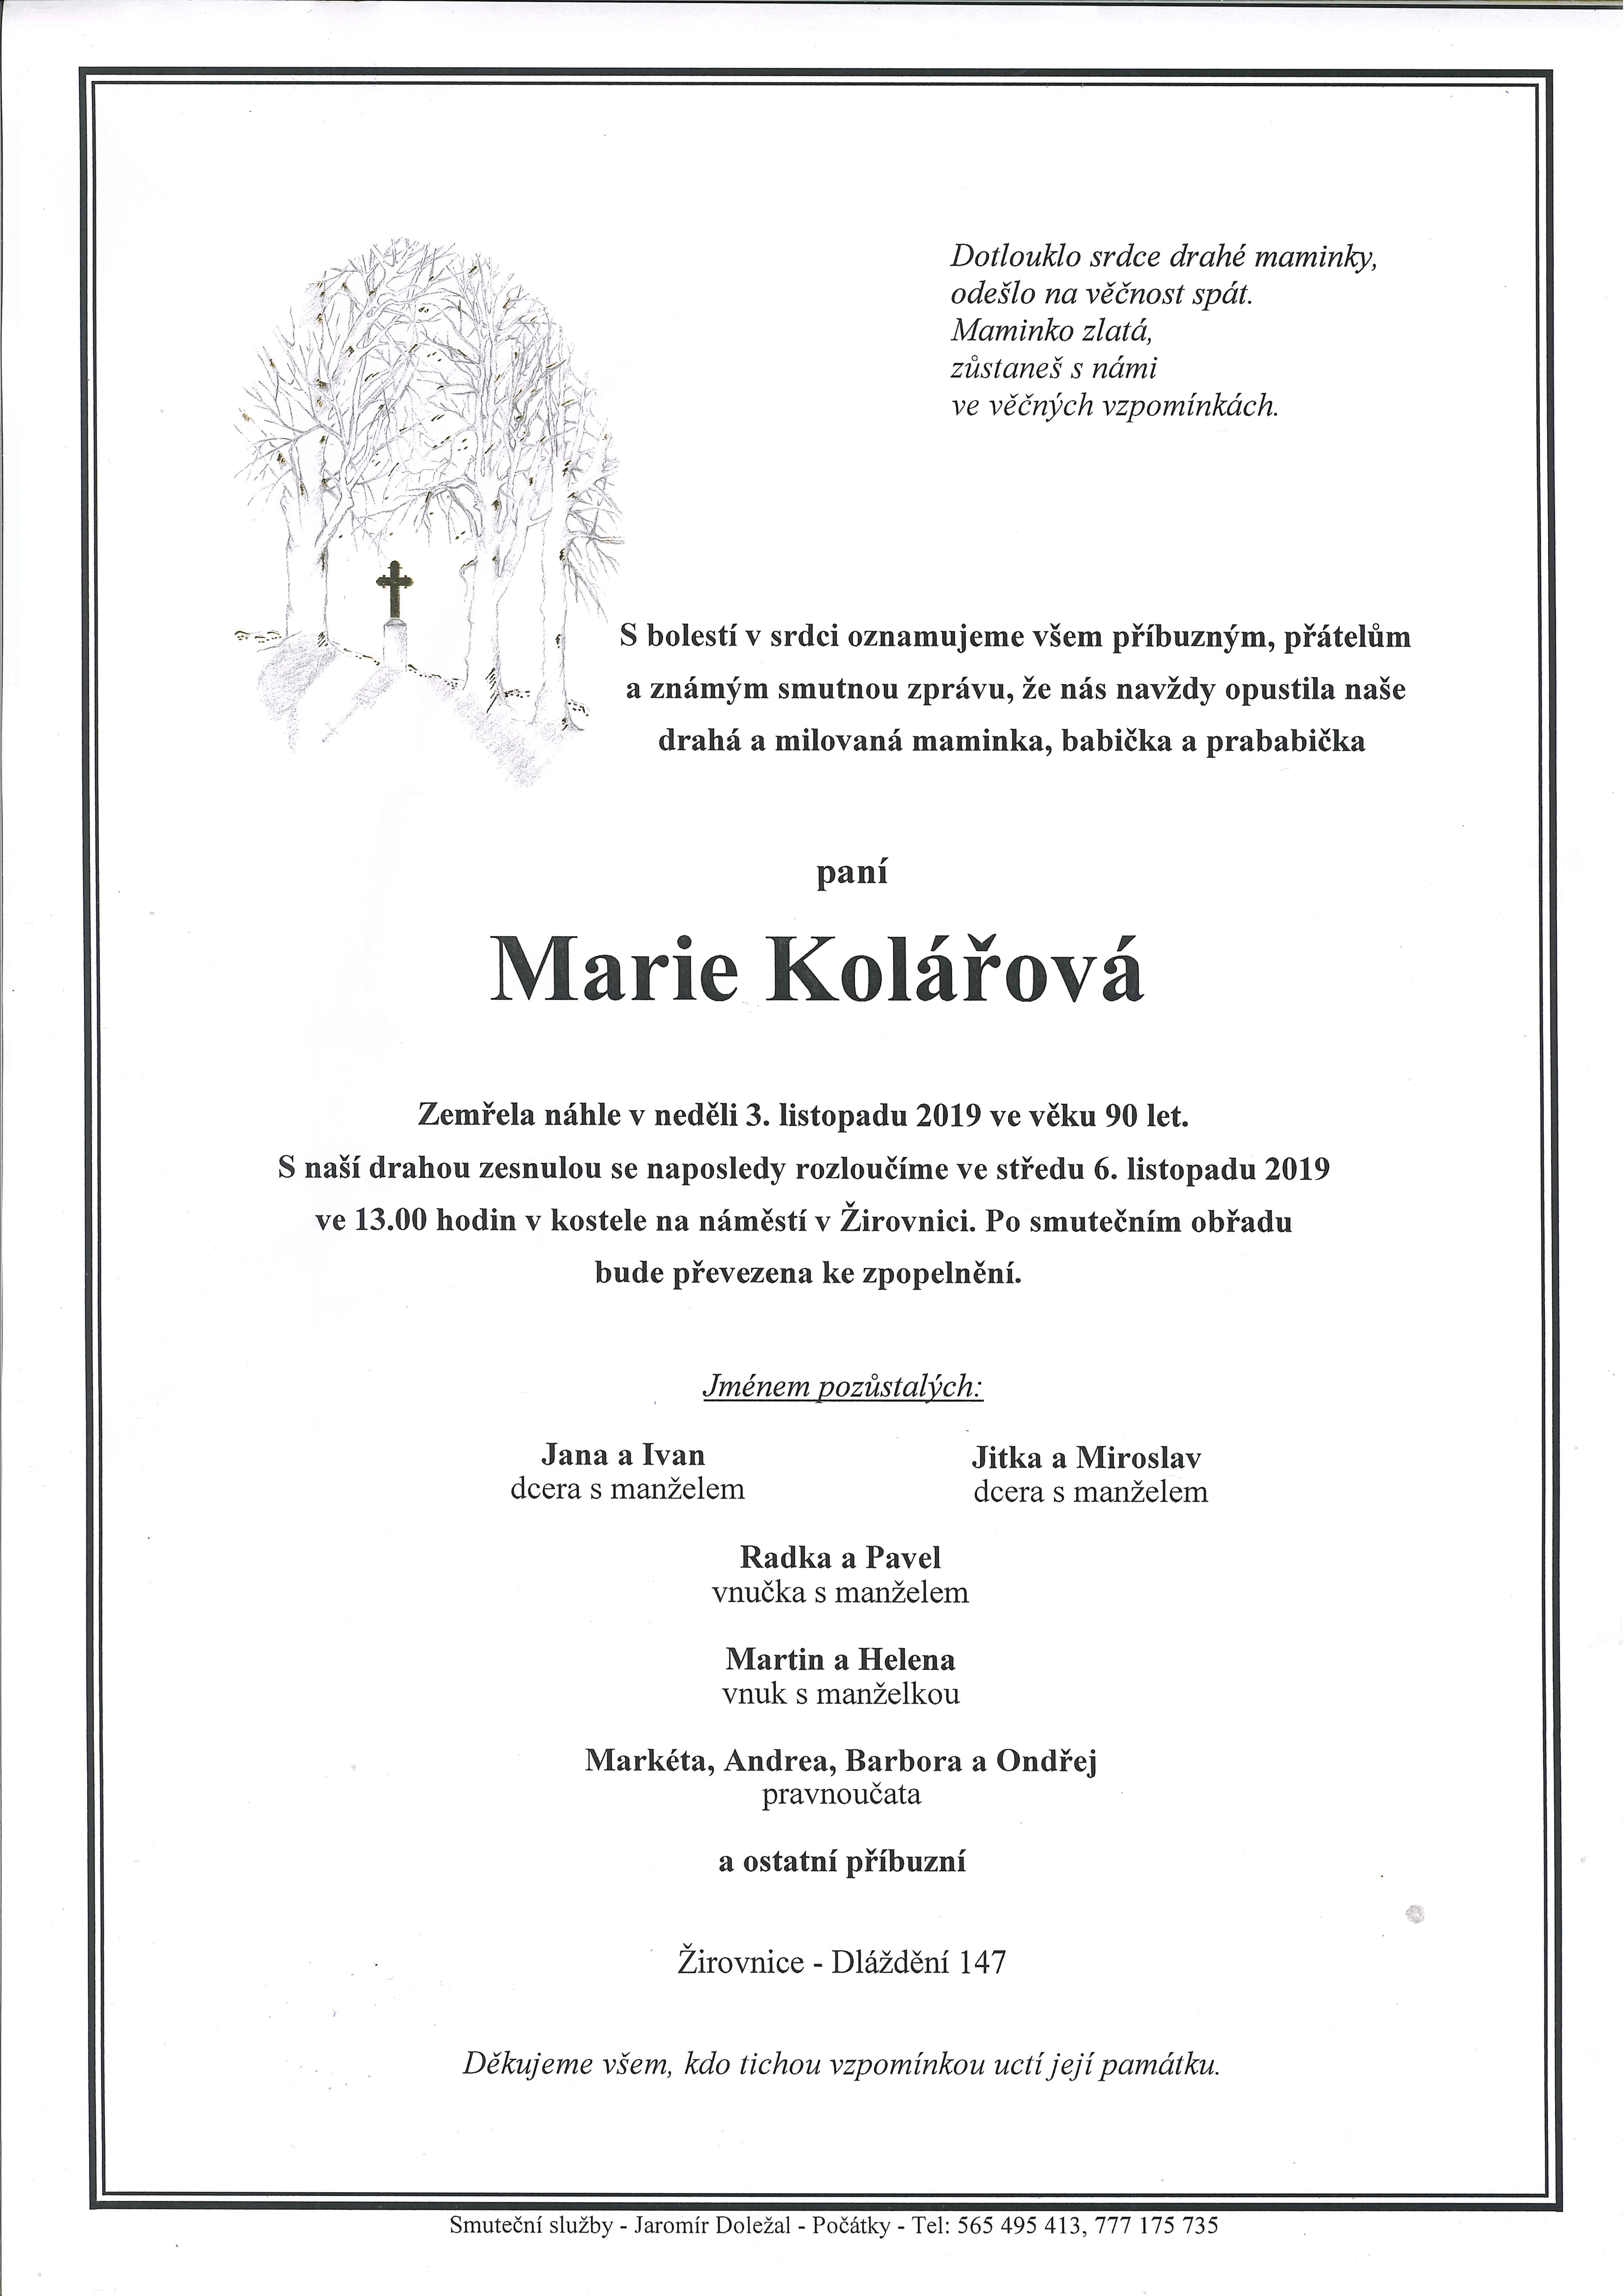 Marie Kolářová